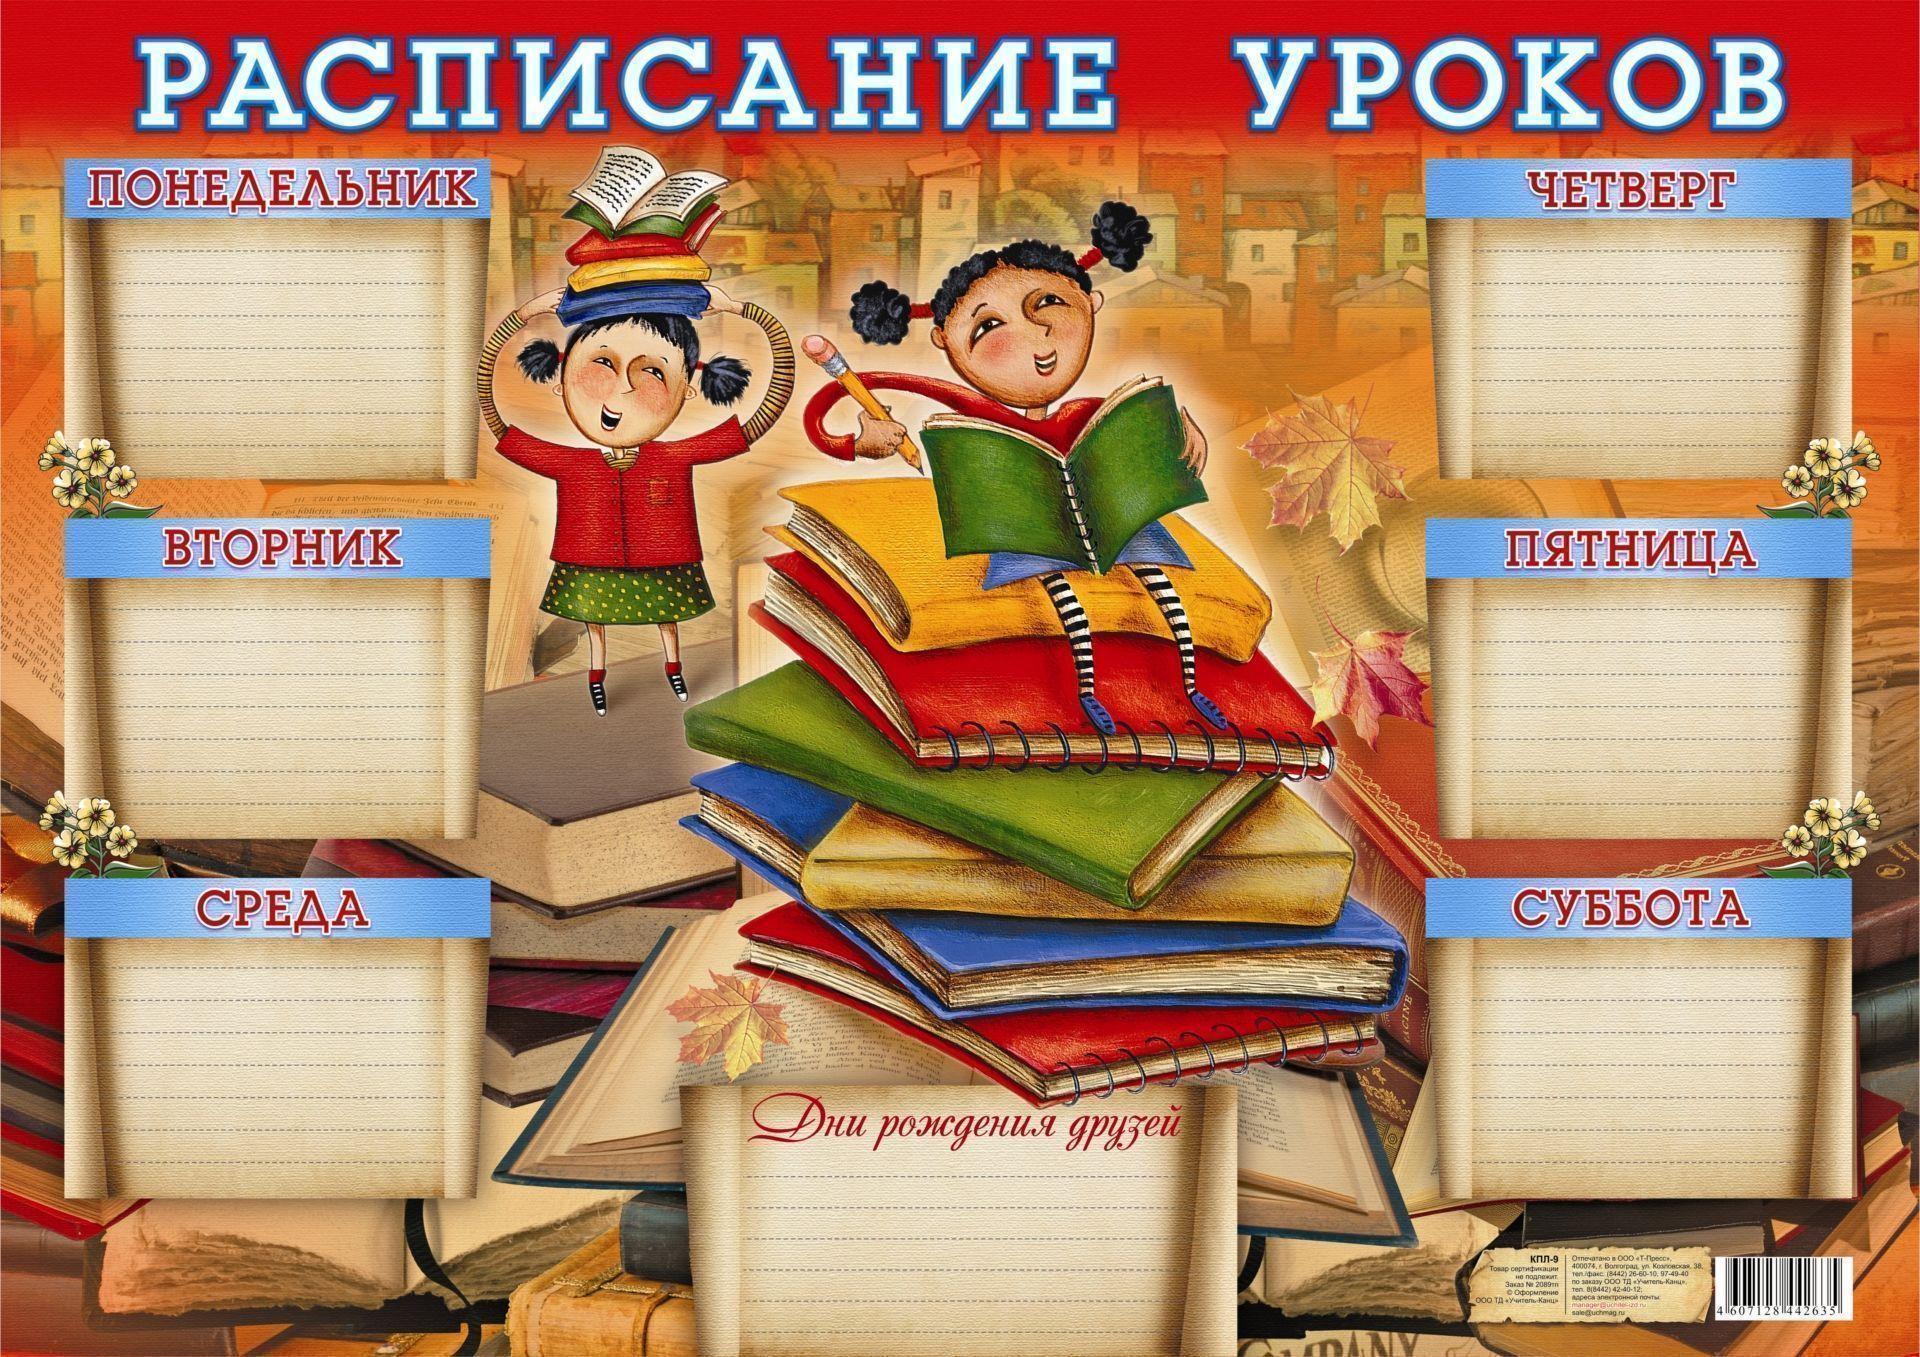 Расписание уроков с днями рождения друзей (горизонтальное): (Формат А3, бумага мелованная глянцевая, пл.150)Расписание уроков<br>.<br><br>Год: 2017<br>Высота: 293<br>Ширина: 416